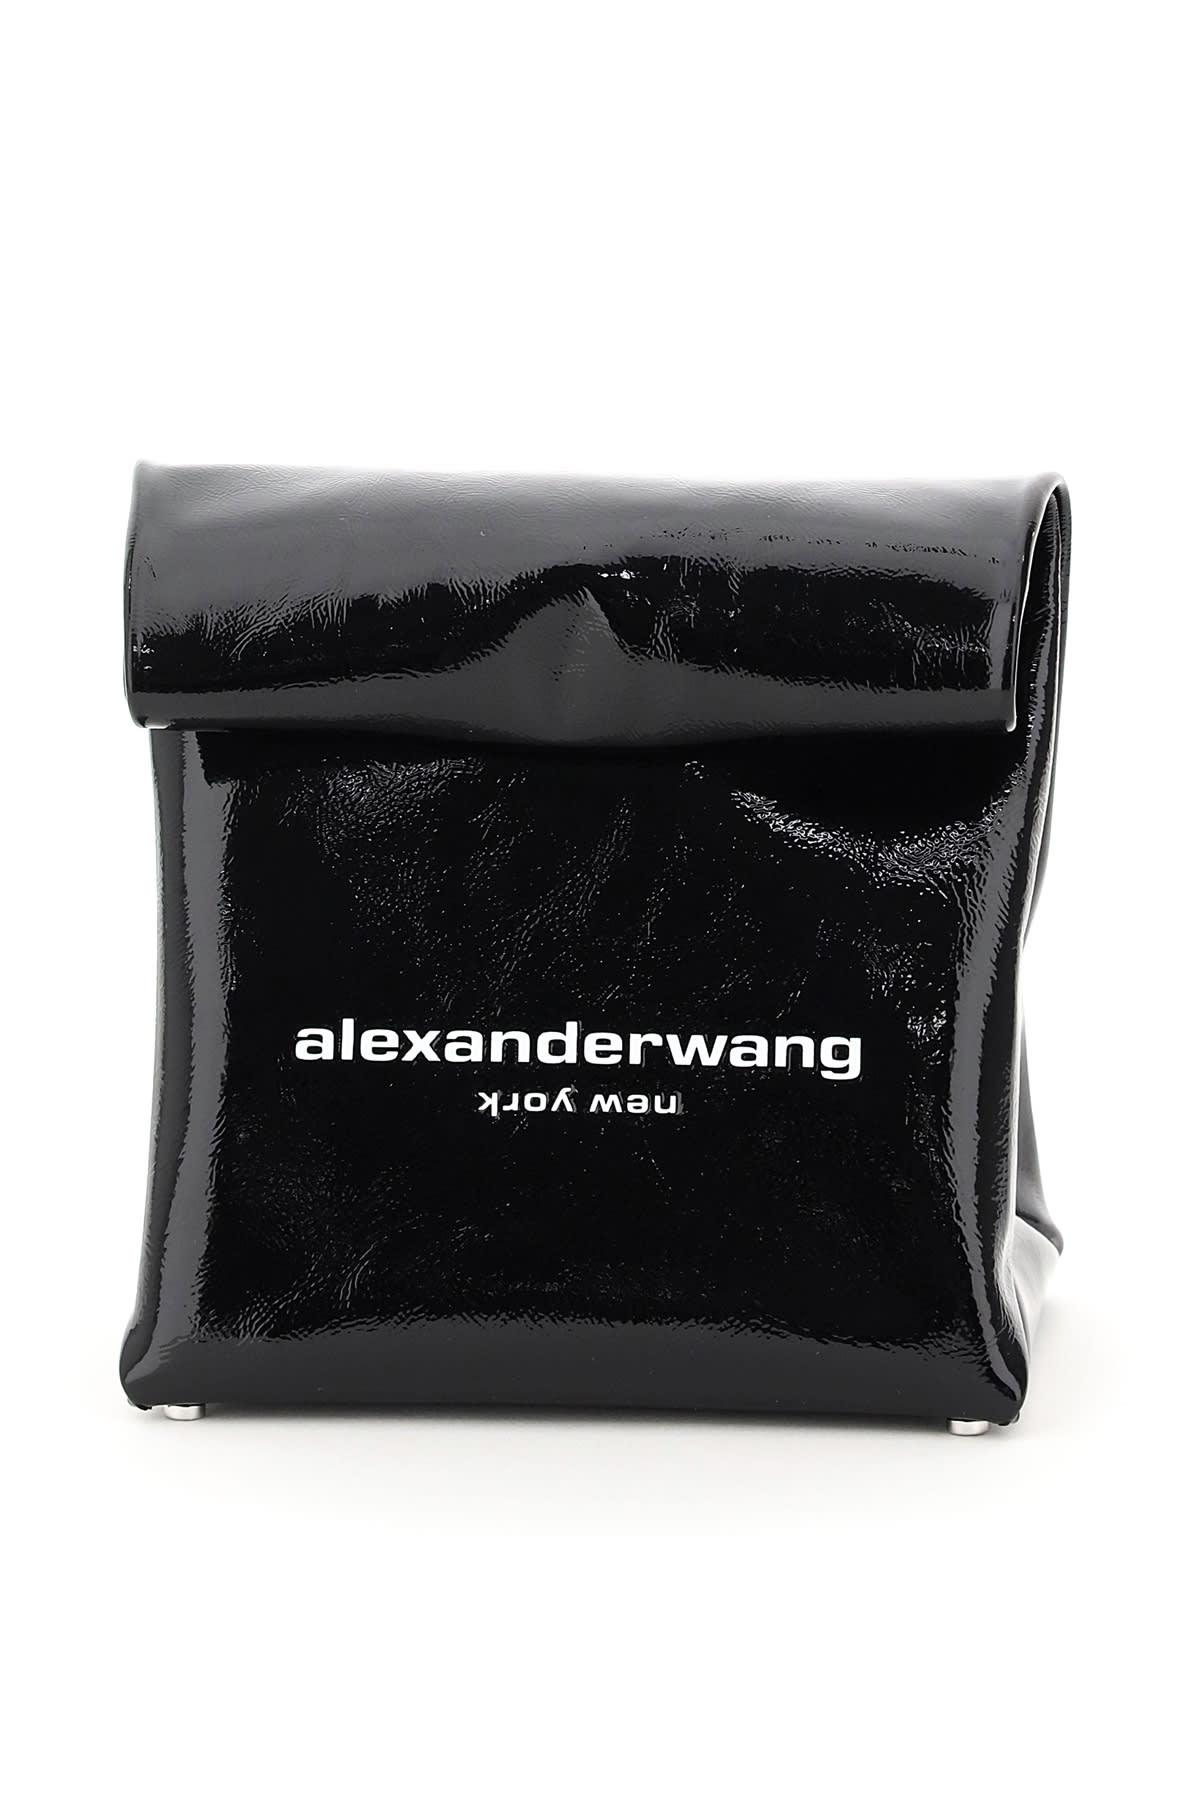 Alexander Wang LUNCH BAG CLUTCH